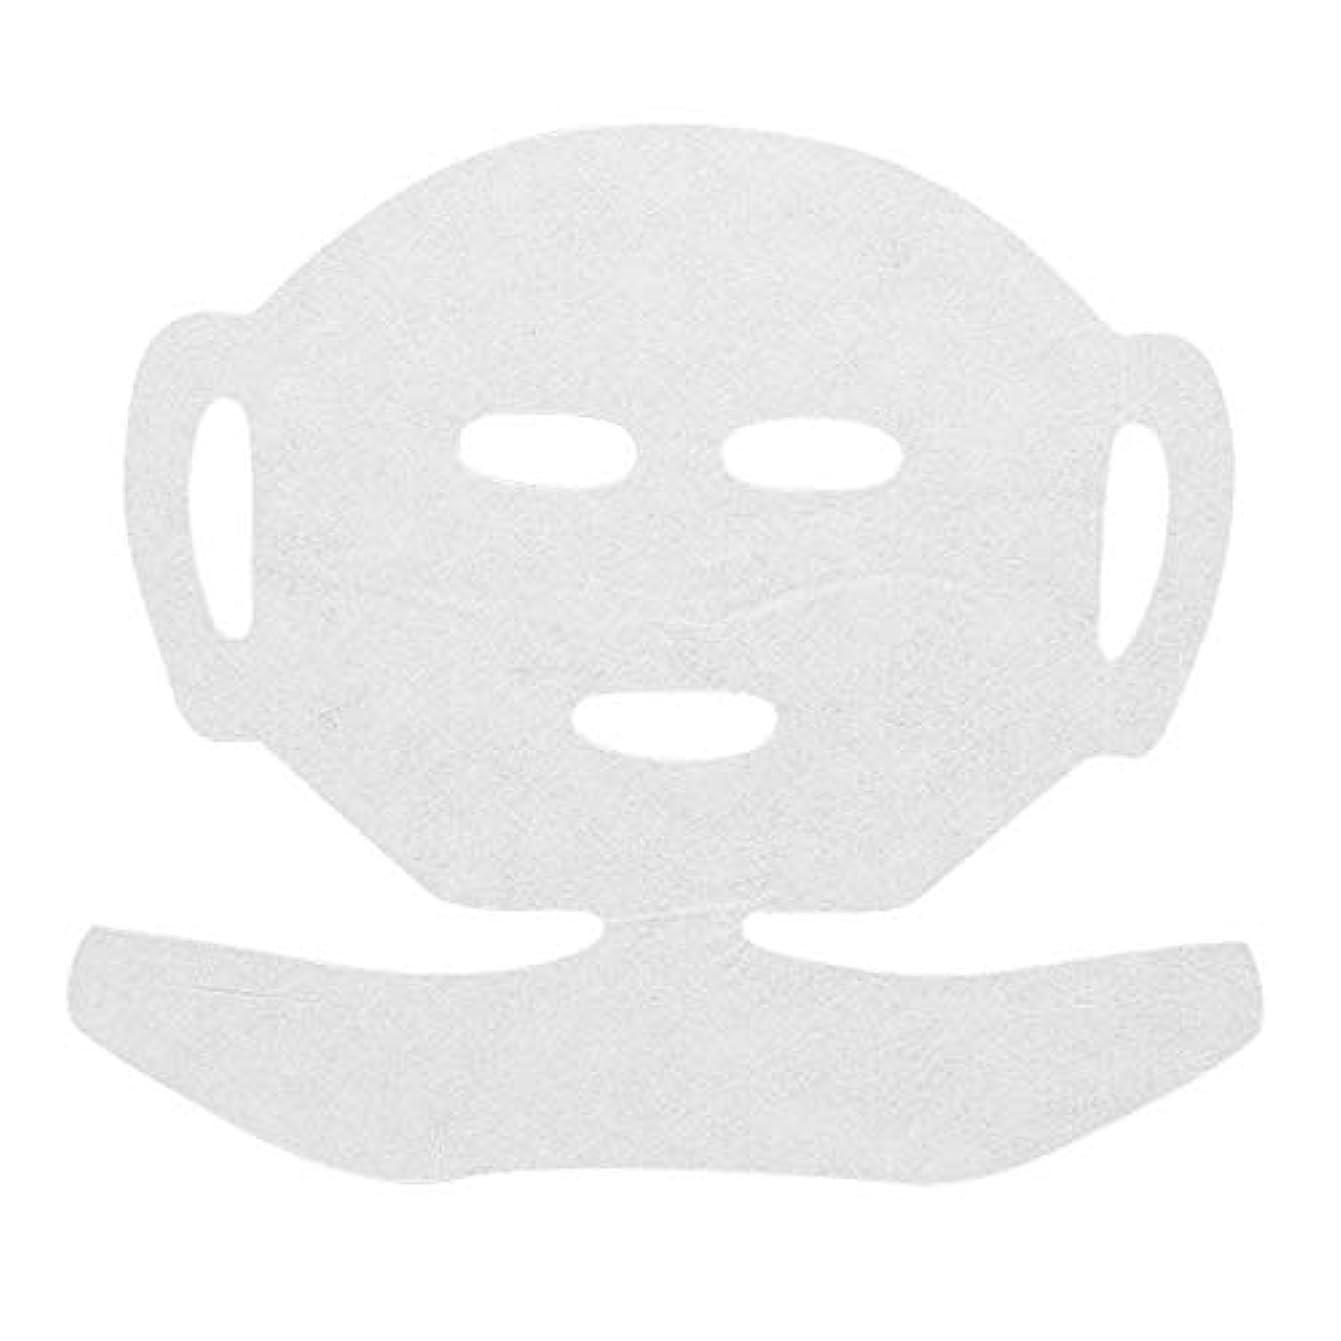 生態学ロデオ決して高保水 フェイシャルシート (マスクタイプネック付き 化粧水無し) 80枚 29×20cm [ フェイスマスク フェイスシート フェイスパック フェイシャルマスク シートマスク フェイシャルシート フェイシャルパック ローションマスク ローションパック ]